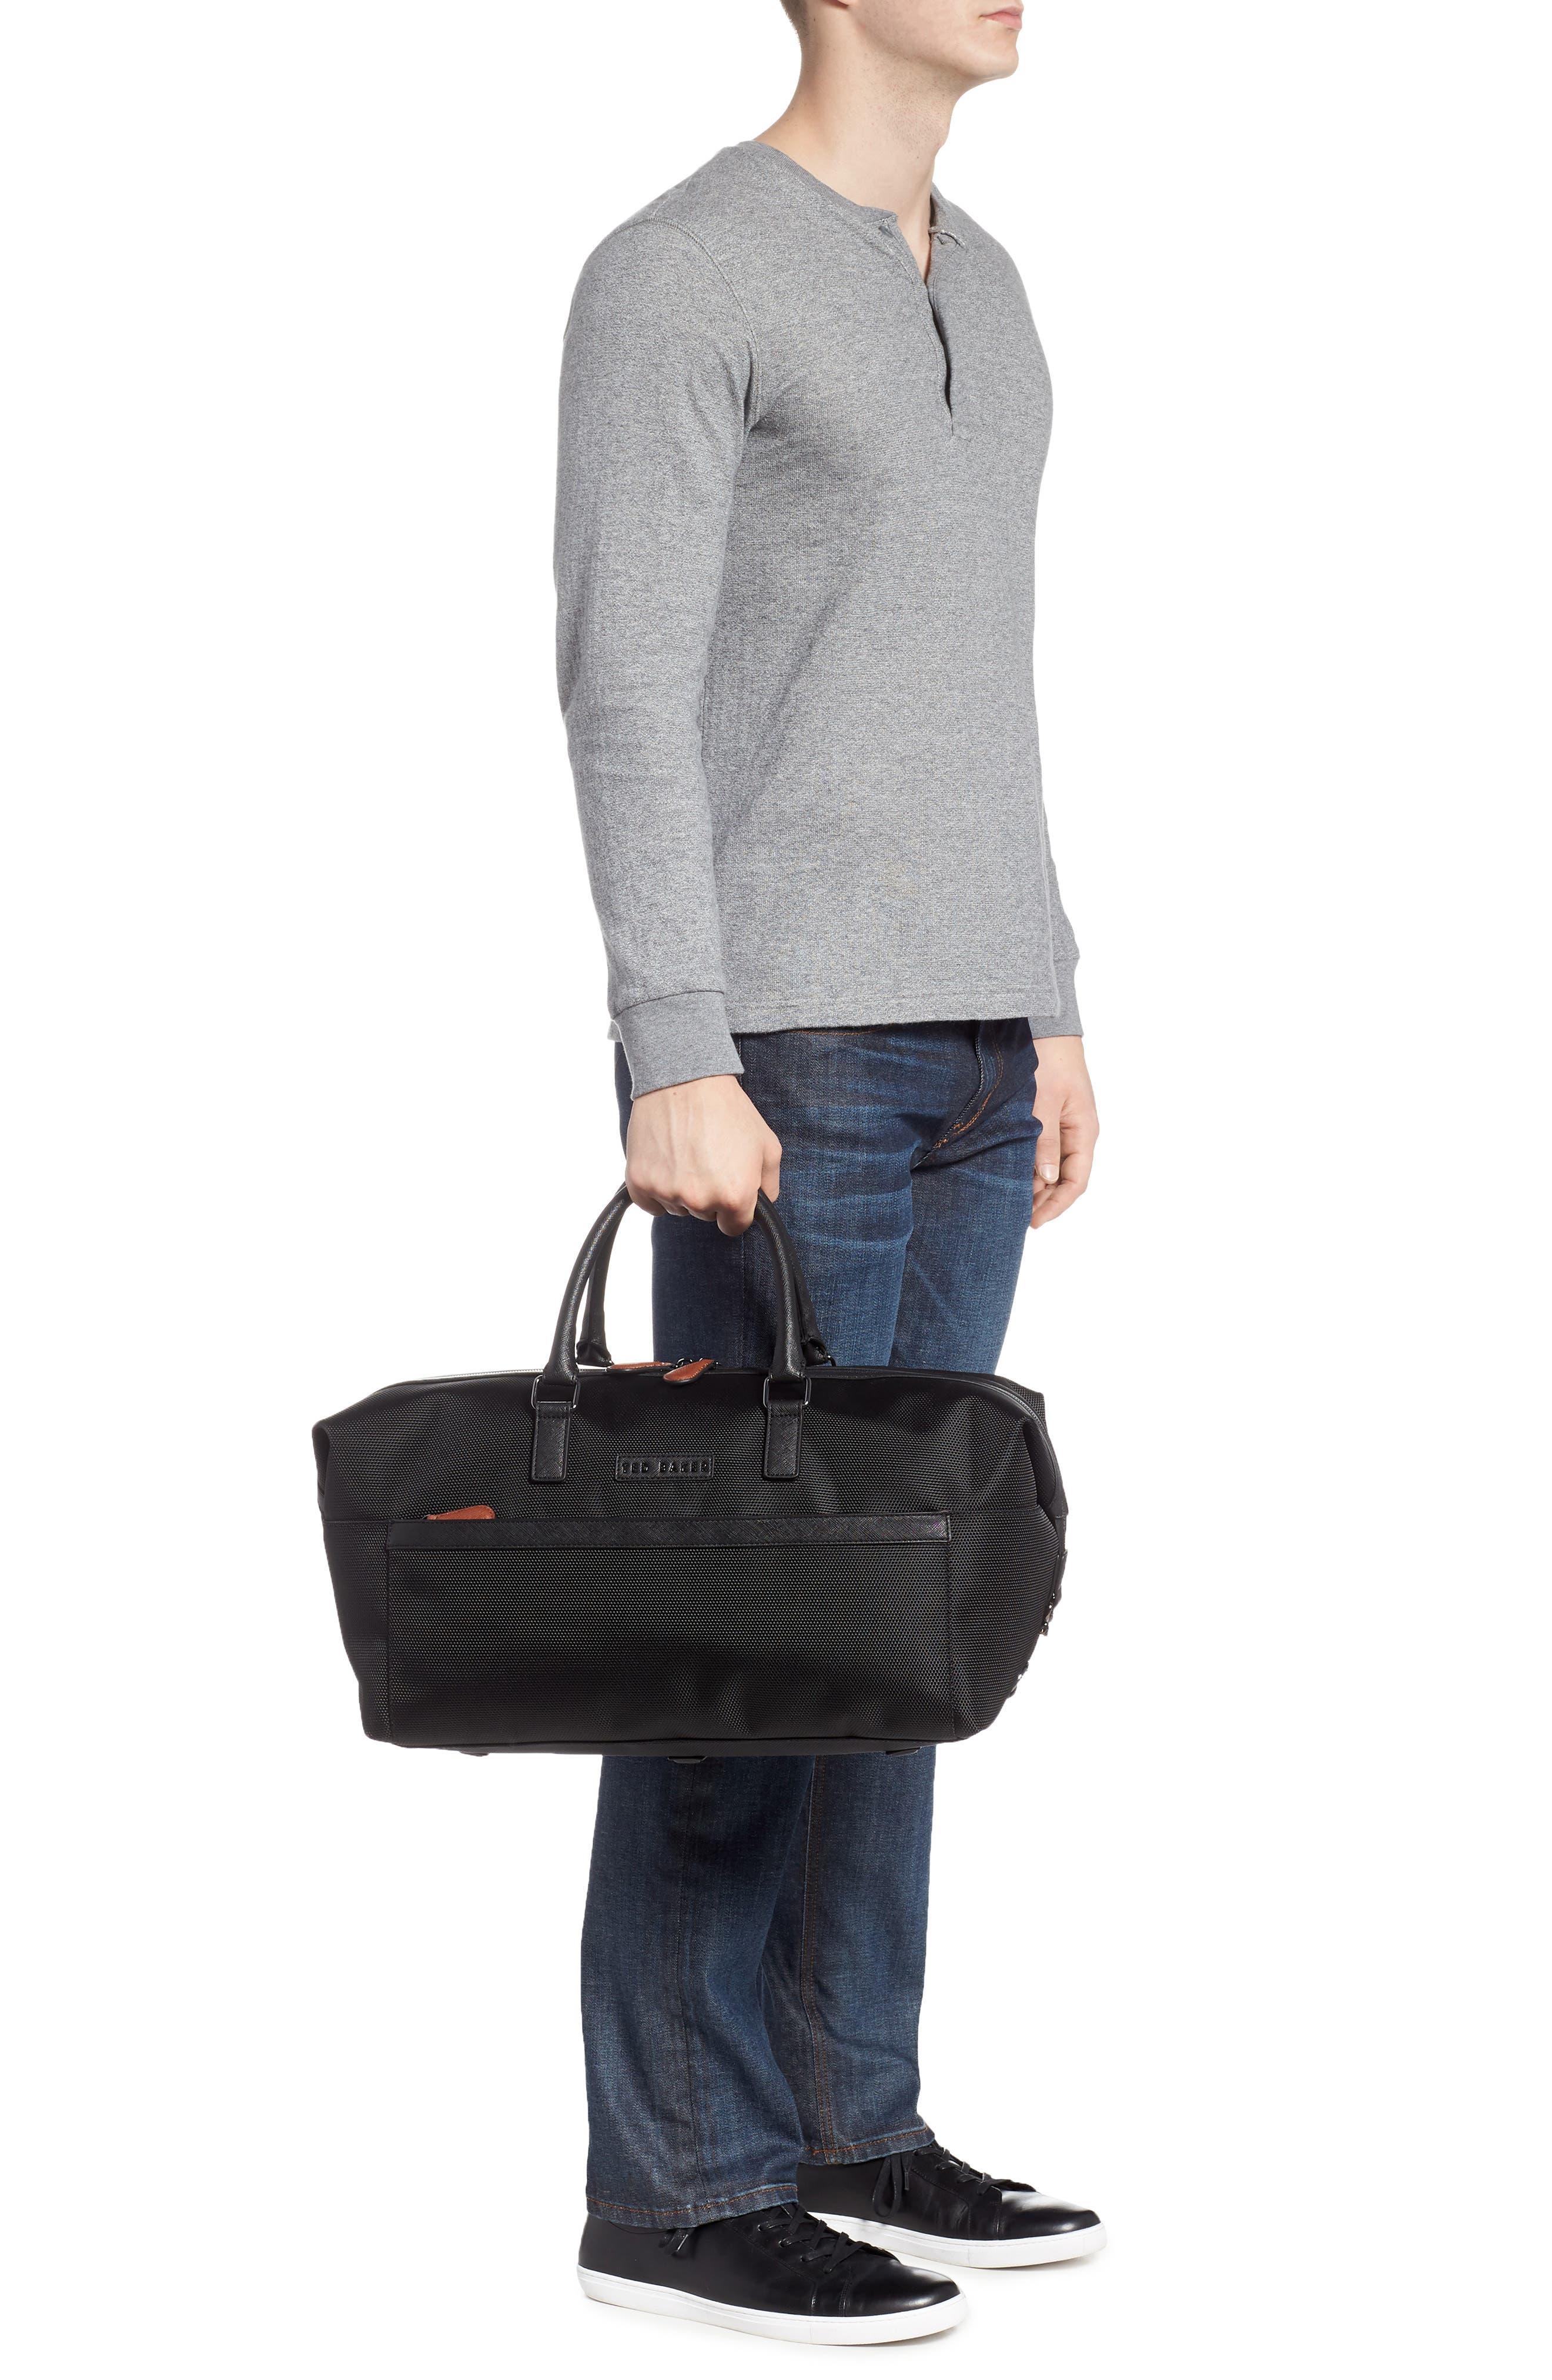 Smart Duffel Bag,                             Alternate thumbnail 2, color,                             001